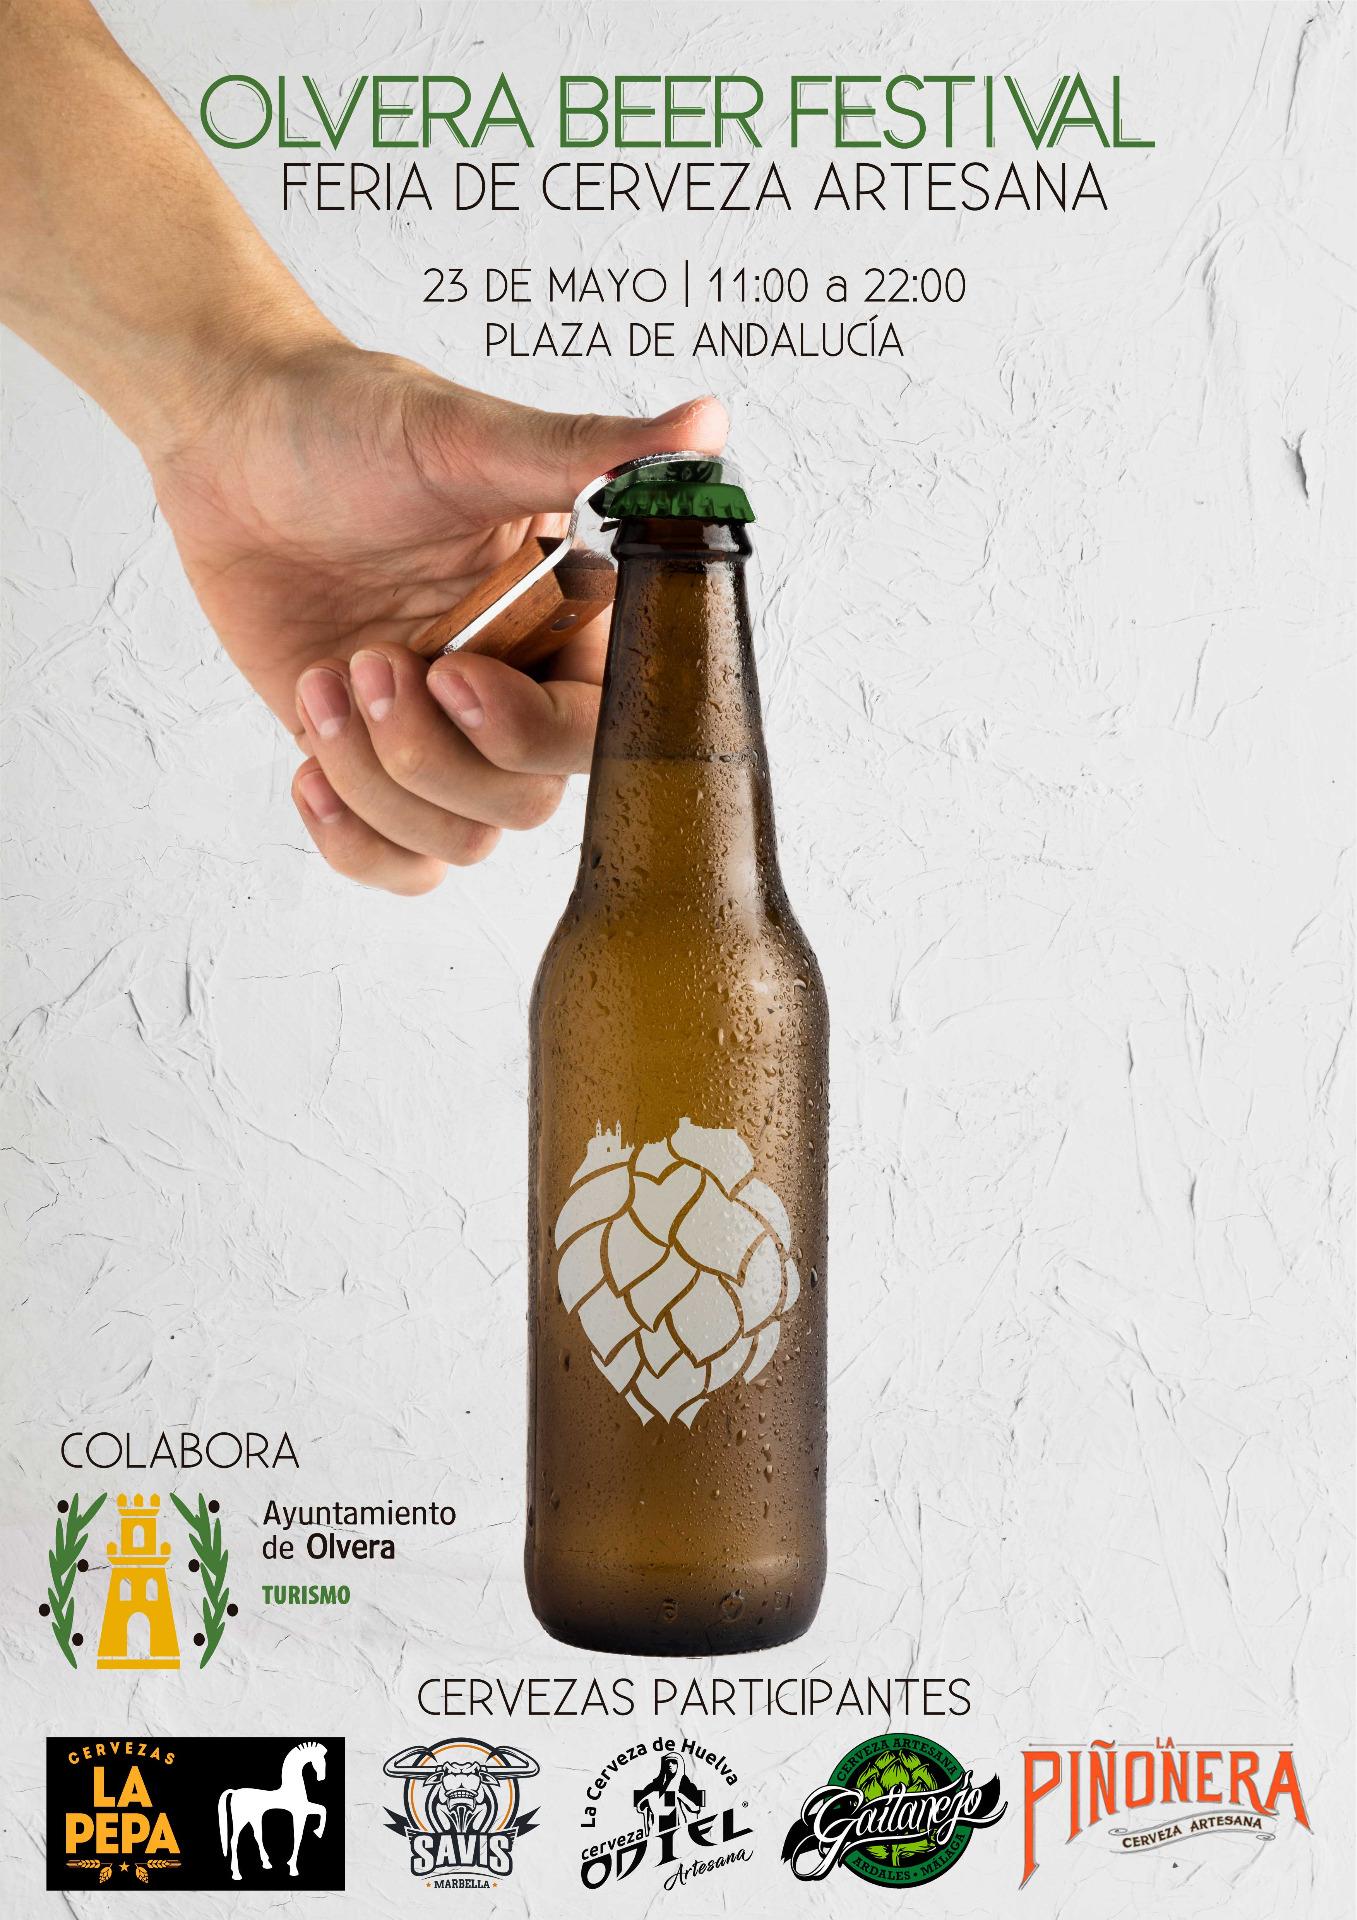 Olvera Beer Festival 2020